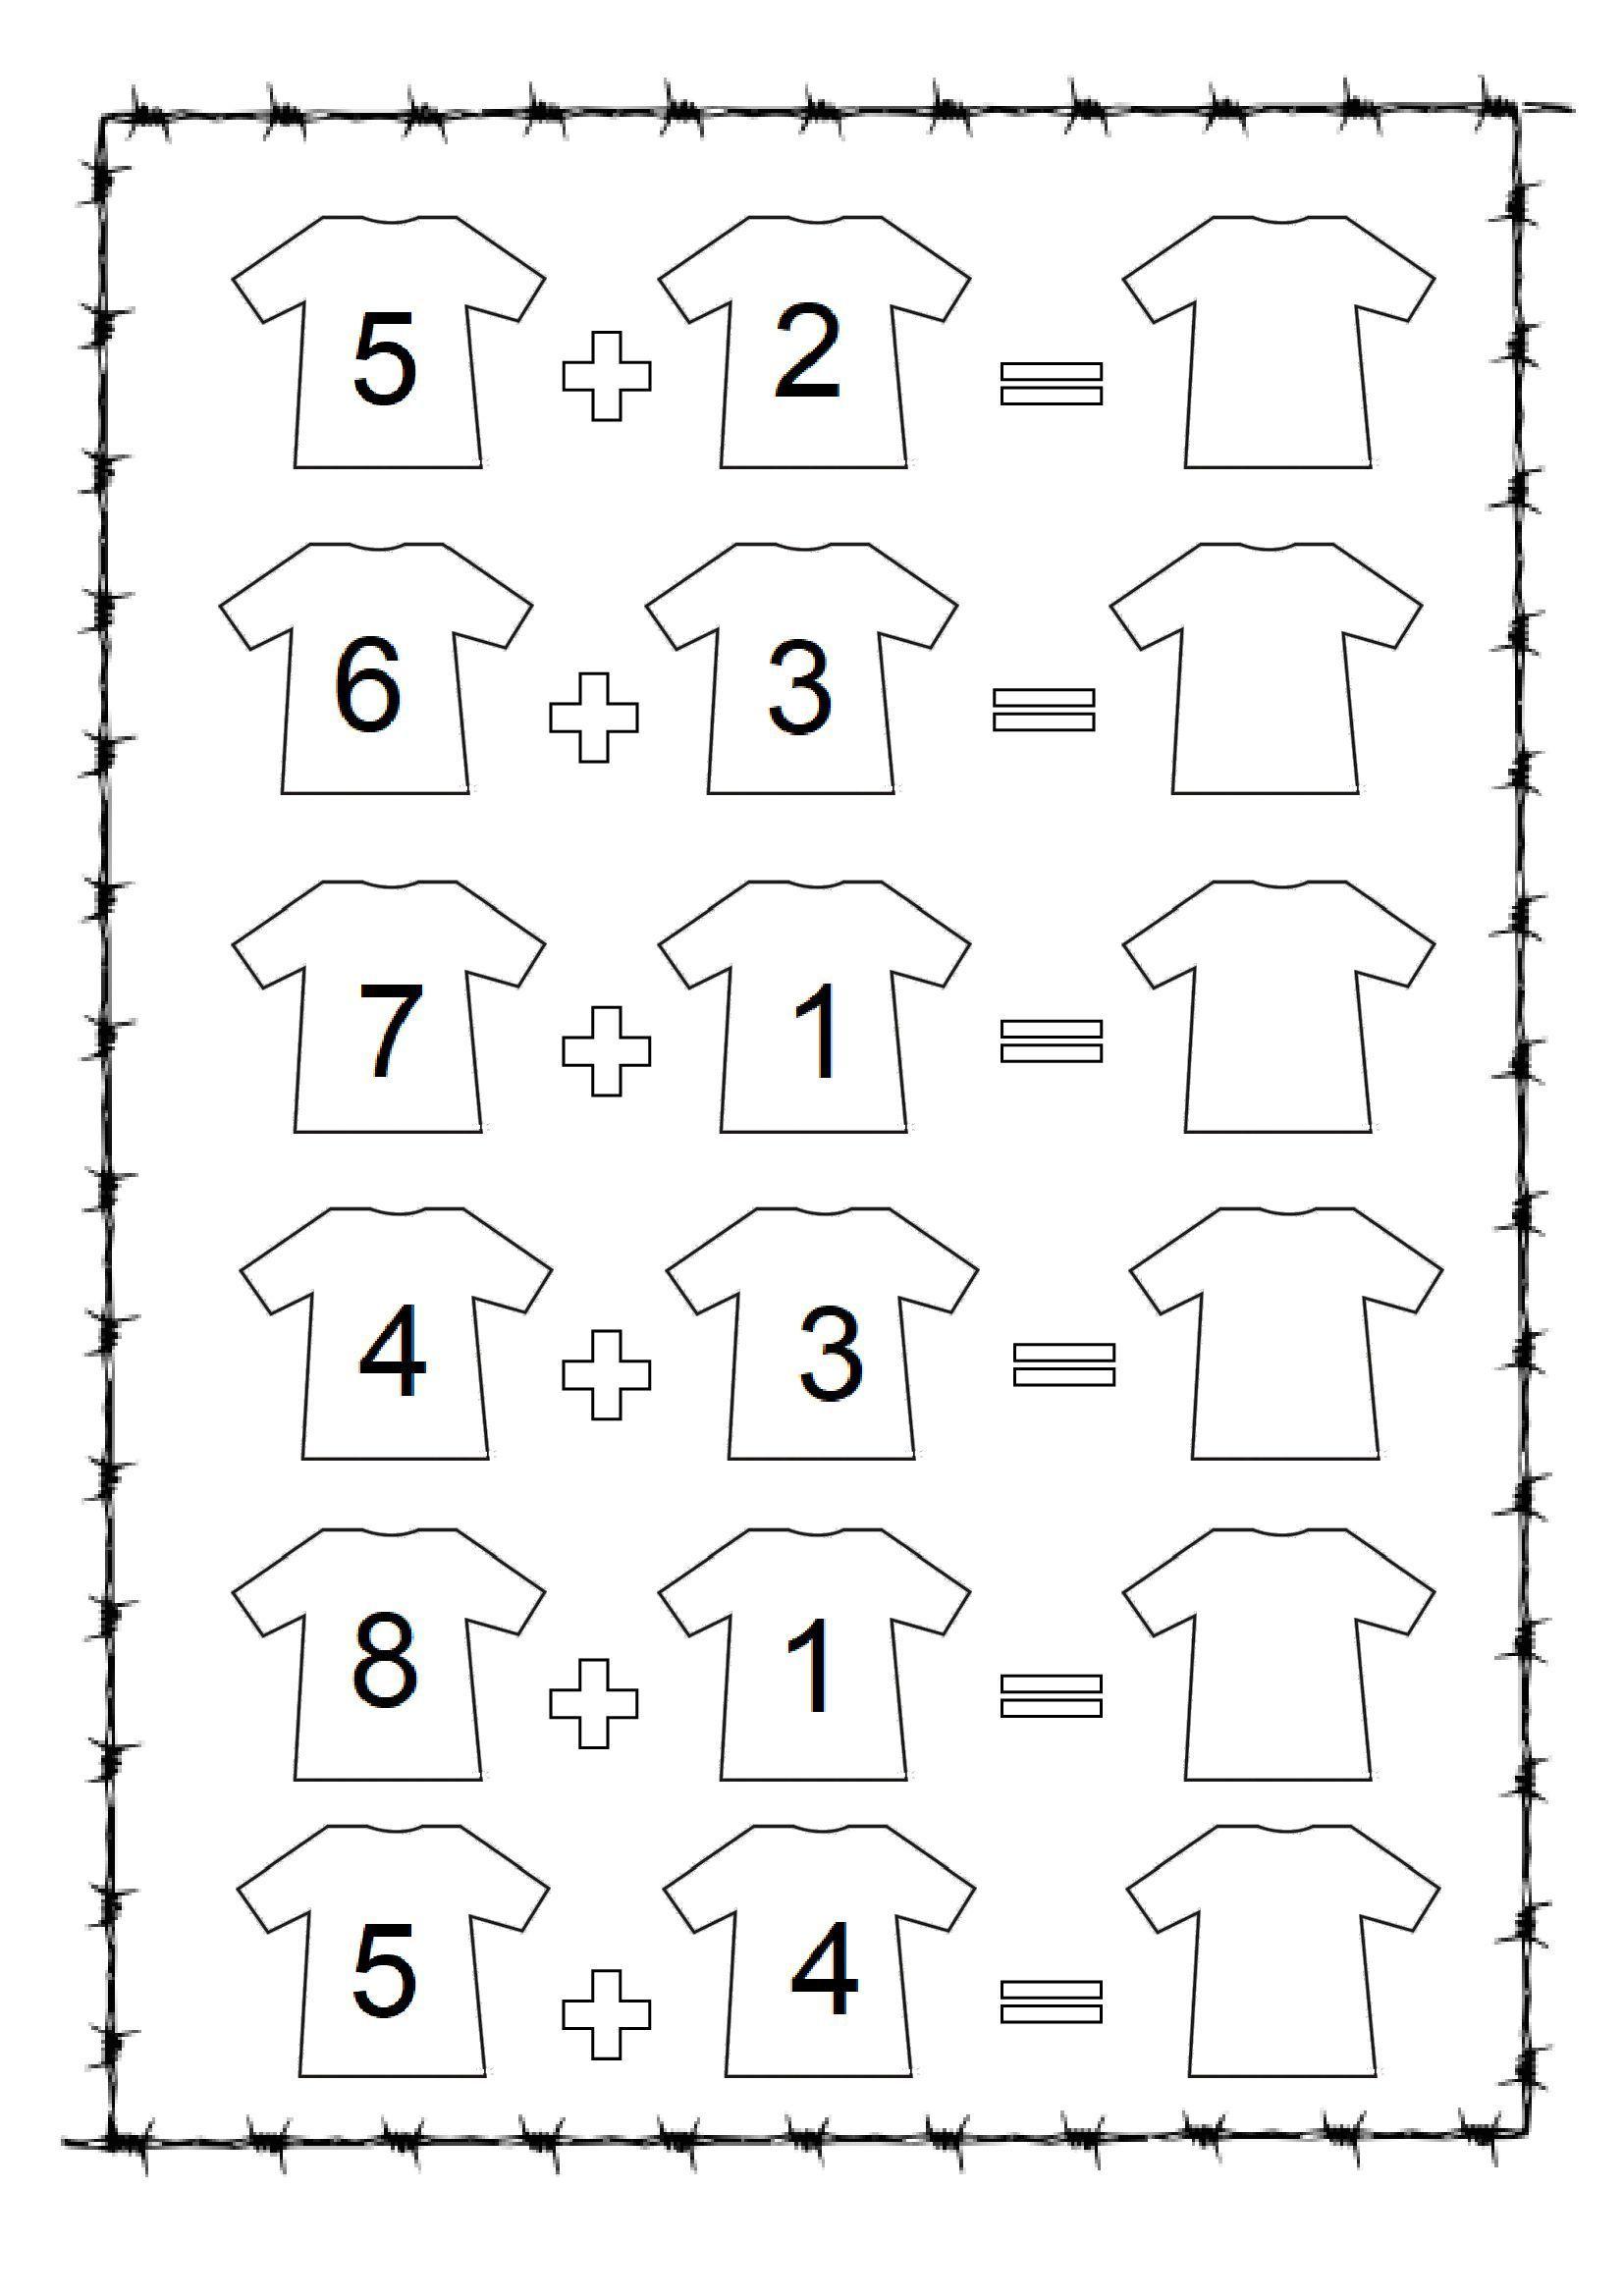 Missing Number Worksheet Pdf easy and printable